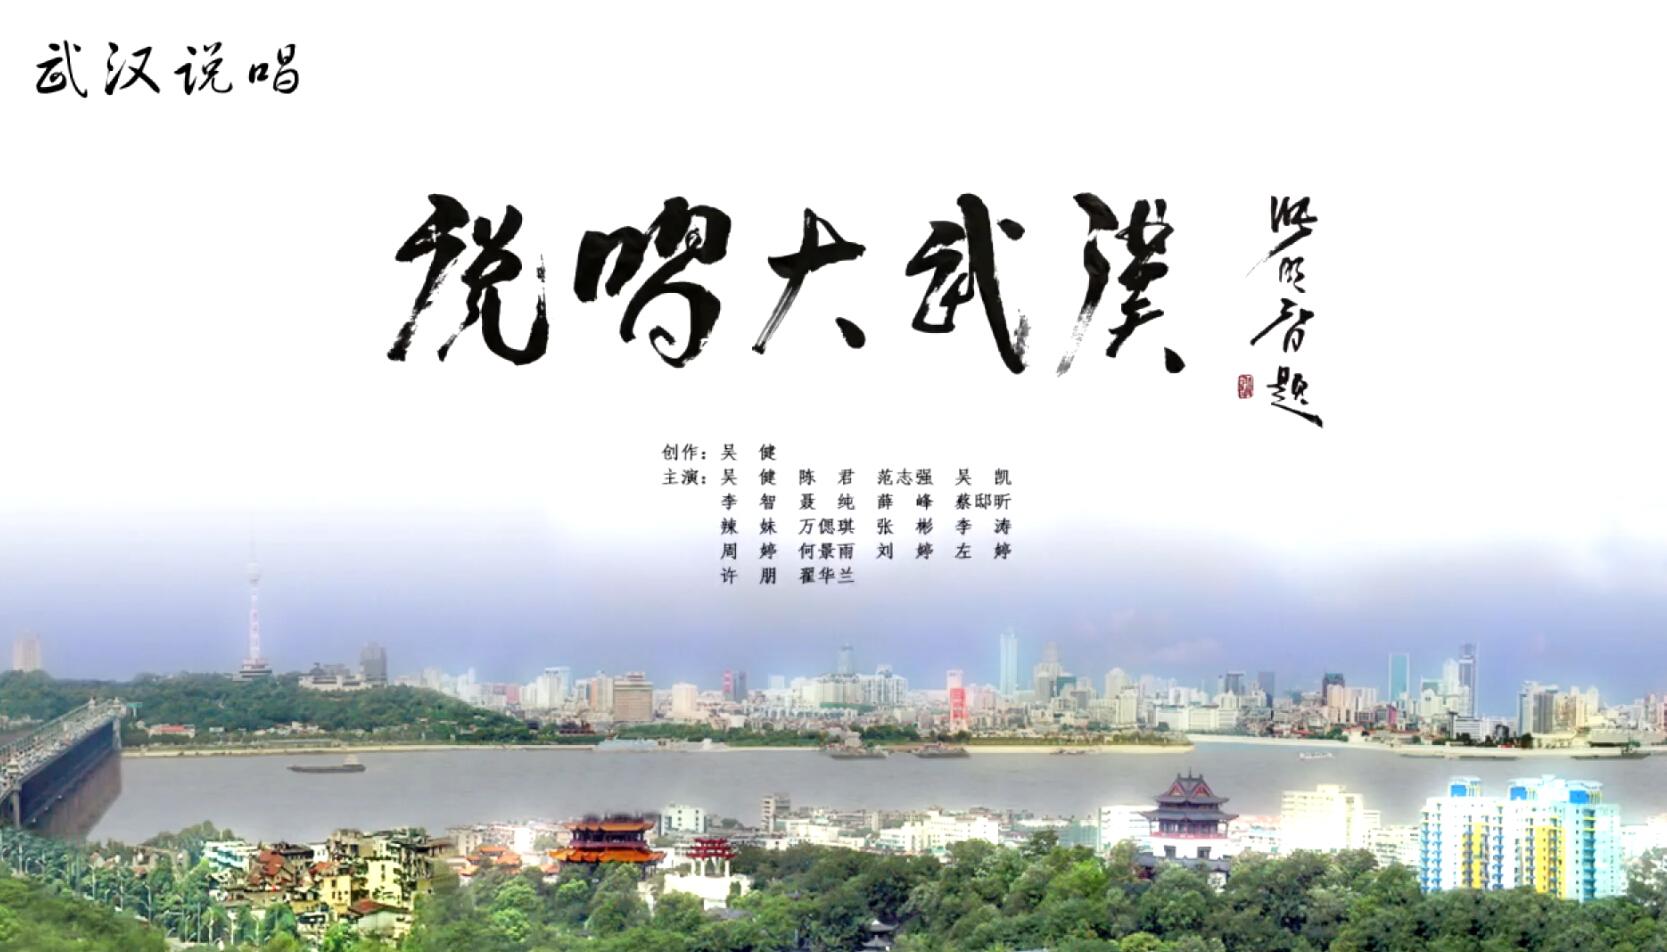 《说唱大武汉》荆楚网首发